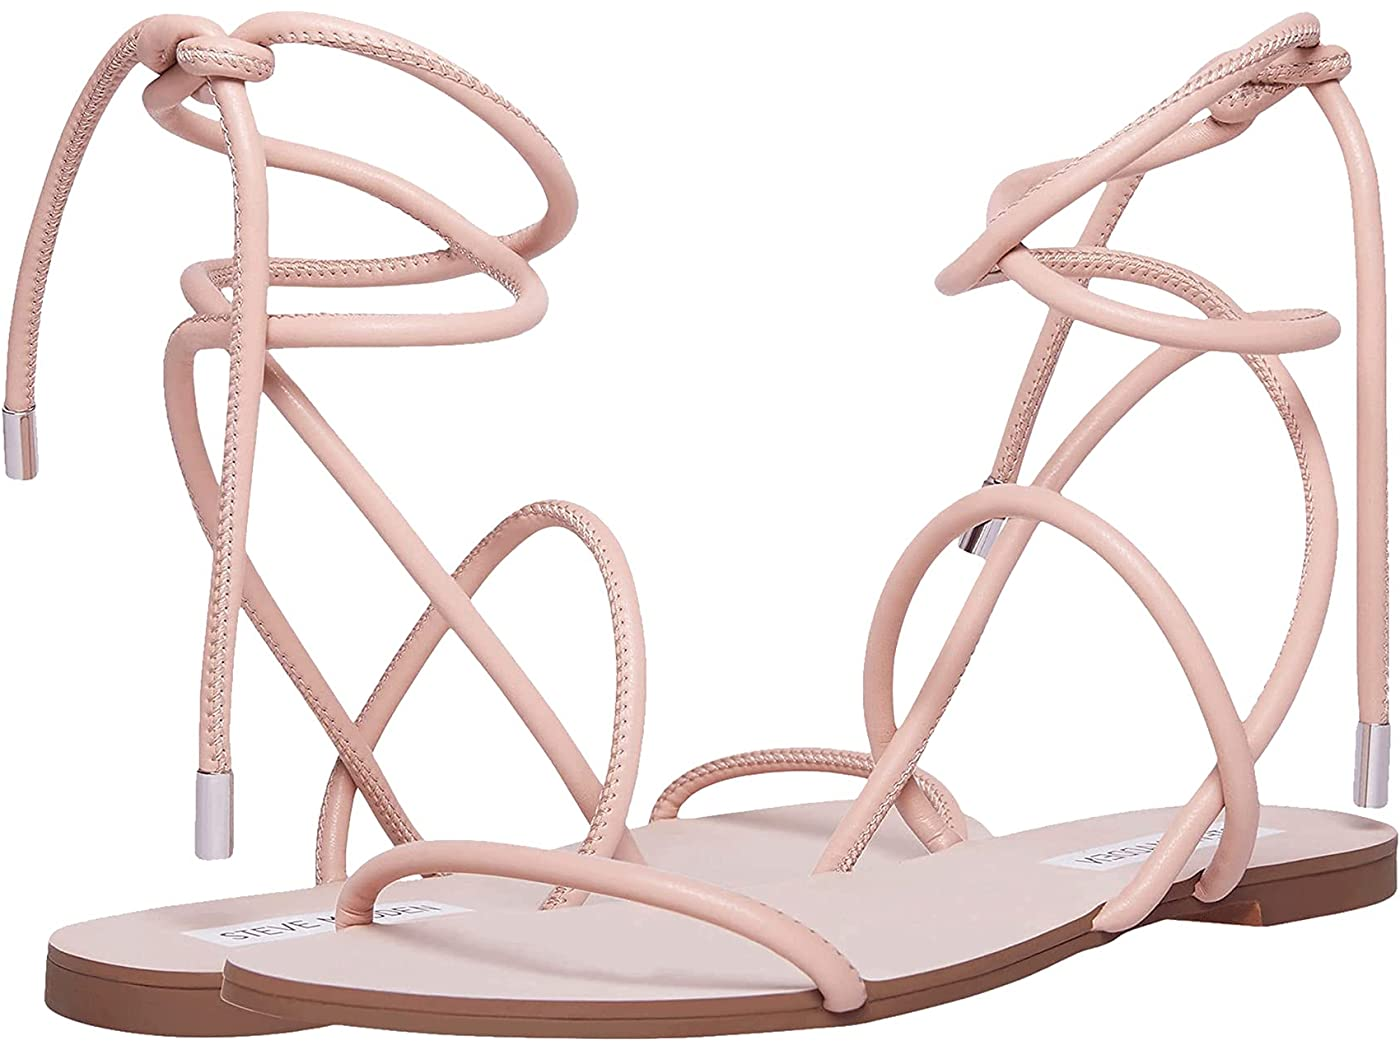 Steve Madden Twirl Sandal